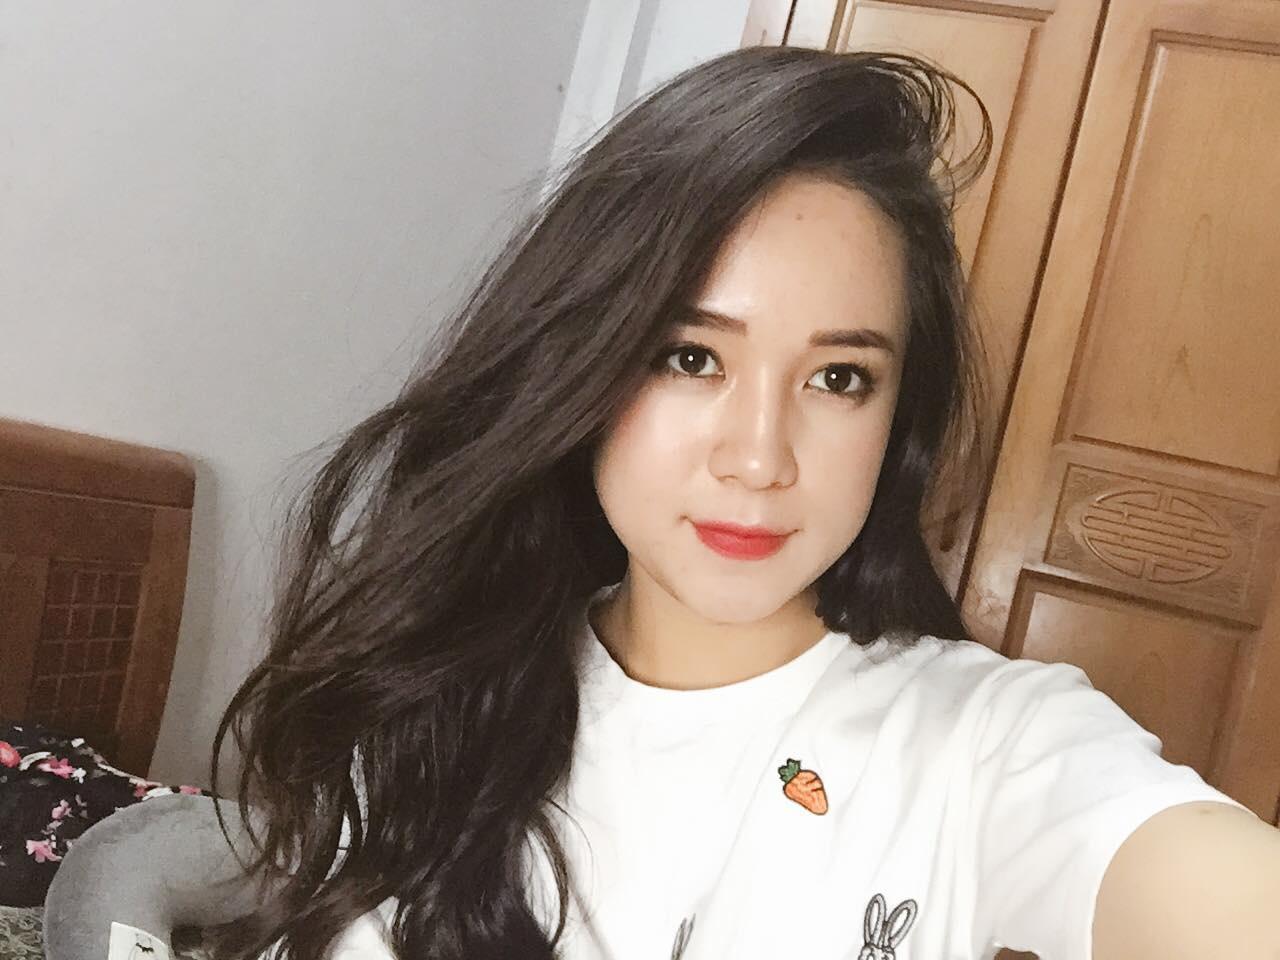 Nhung ky niem dang nho trong dip Tet cua hot girl Viet hinh anh 6